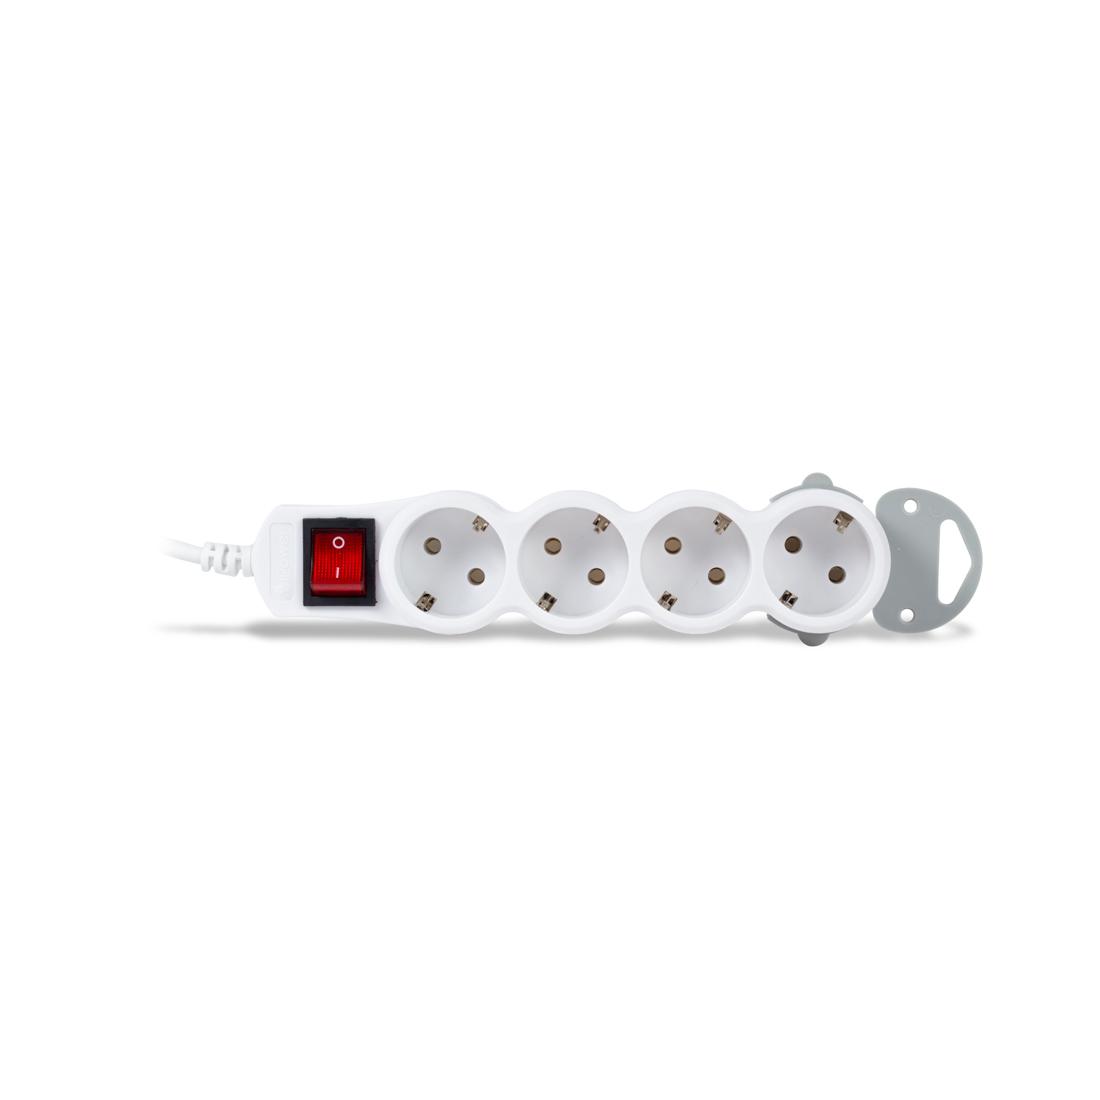 Сетевой фильтр iPower Home W4-18M 1.8 м. 220 в.